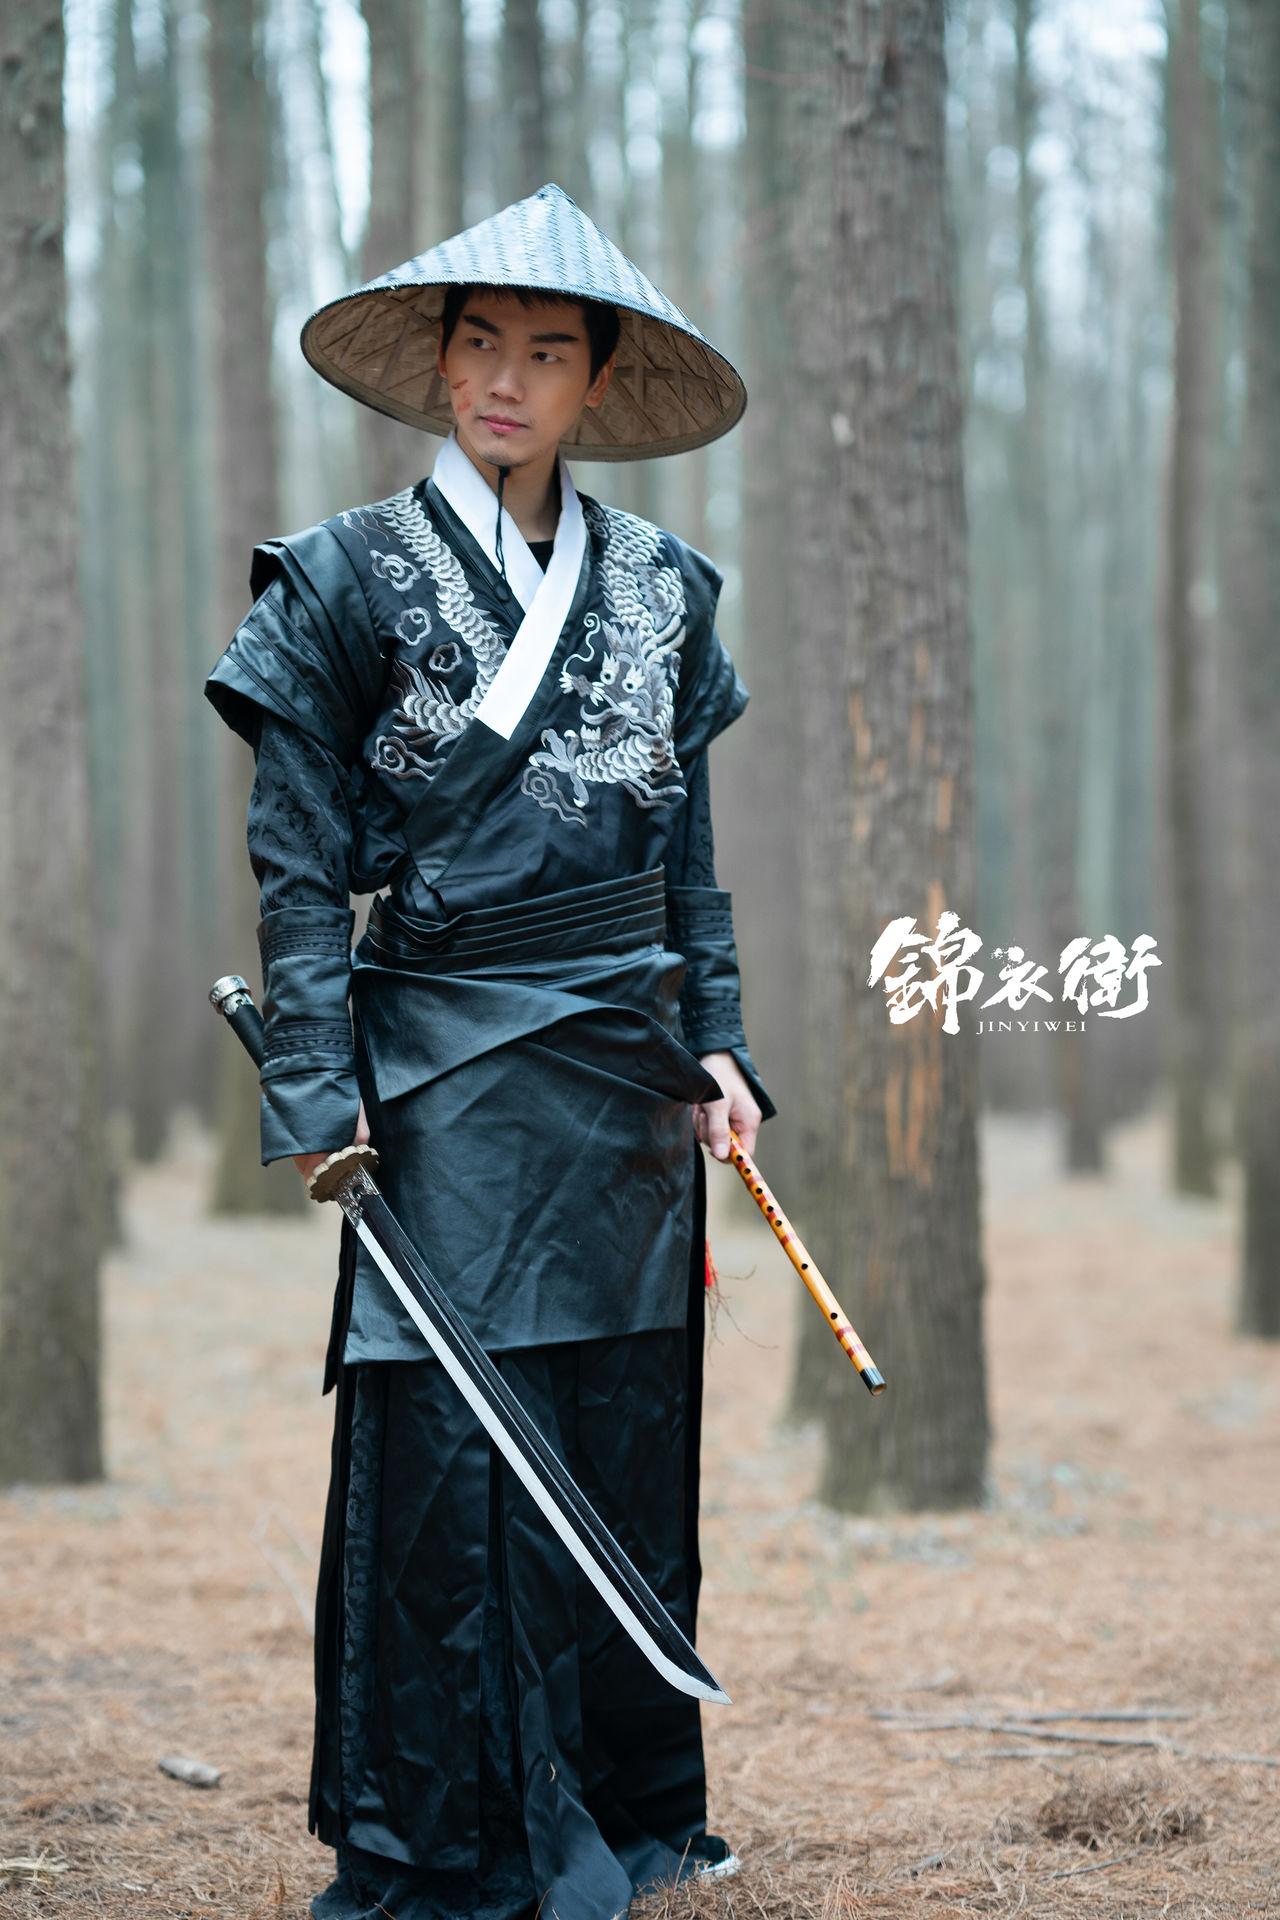 2019-02-01 共青森林公園錦衣衛 男女雙人_攝影師littlesusu123的返片